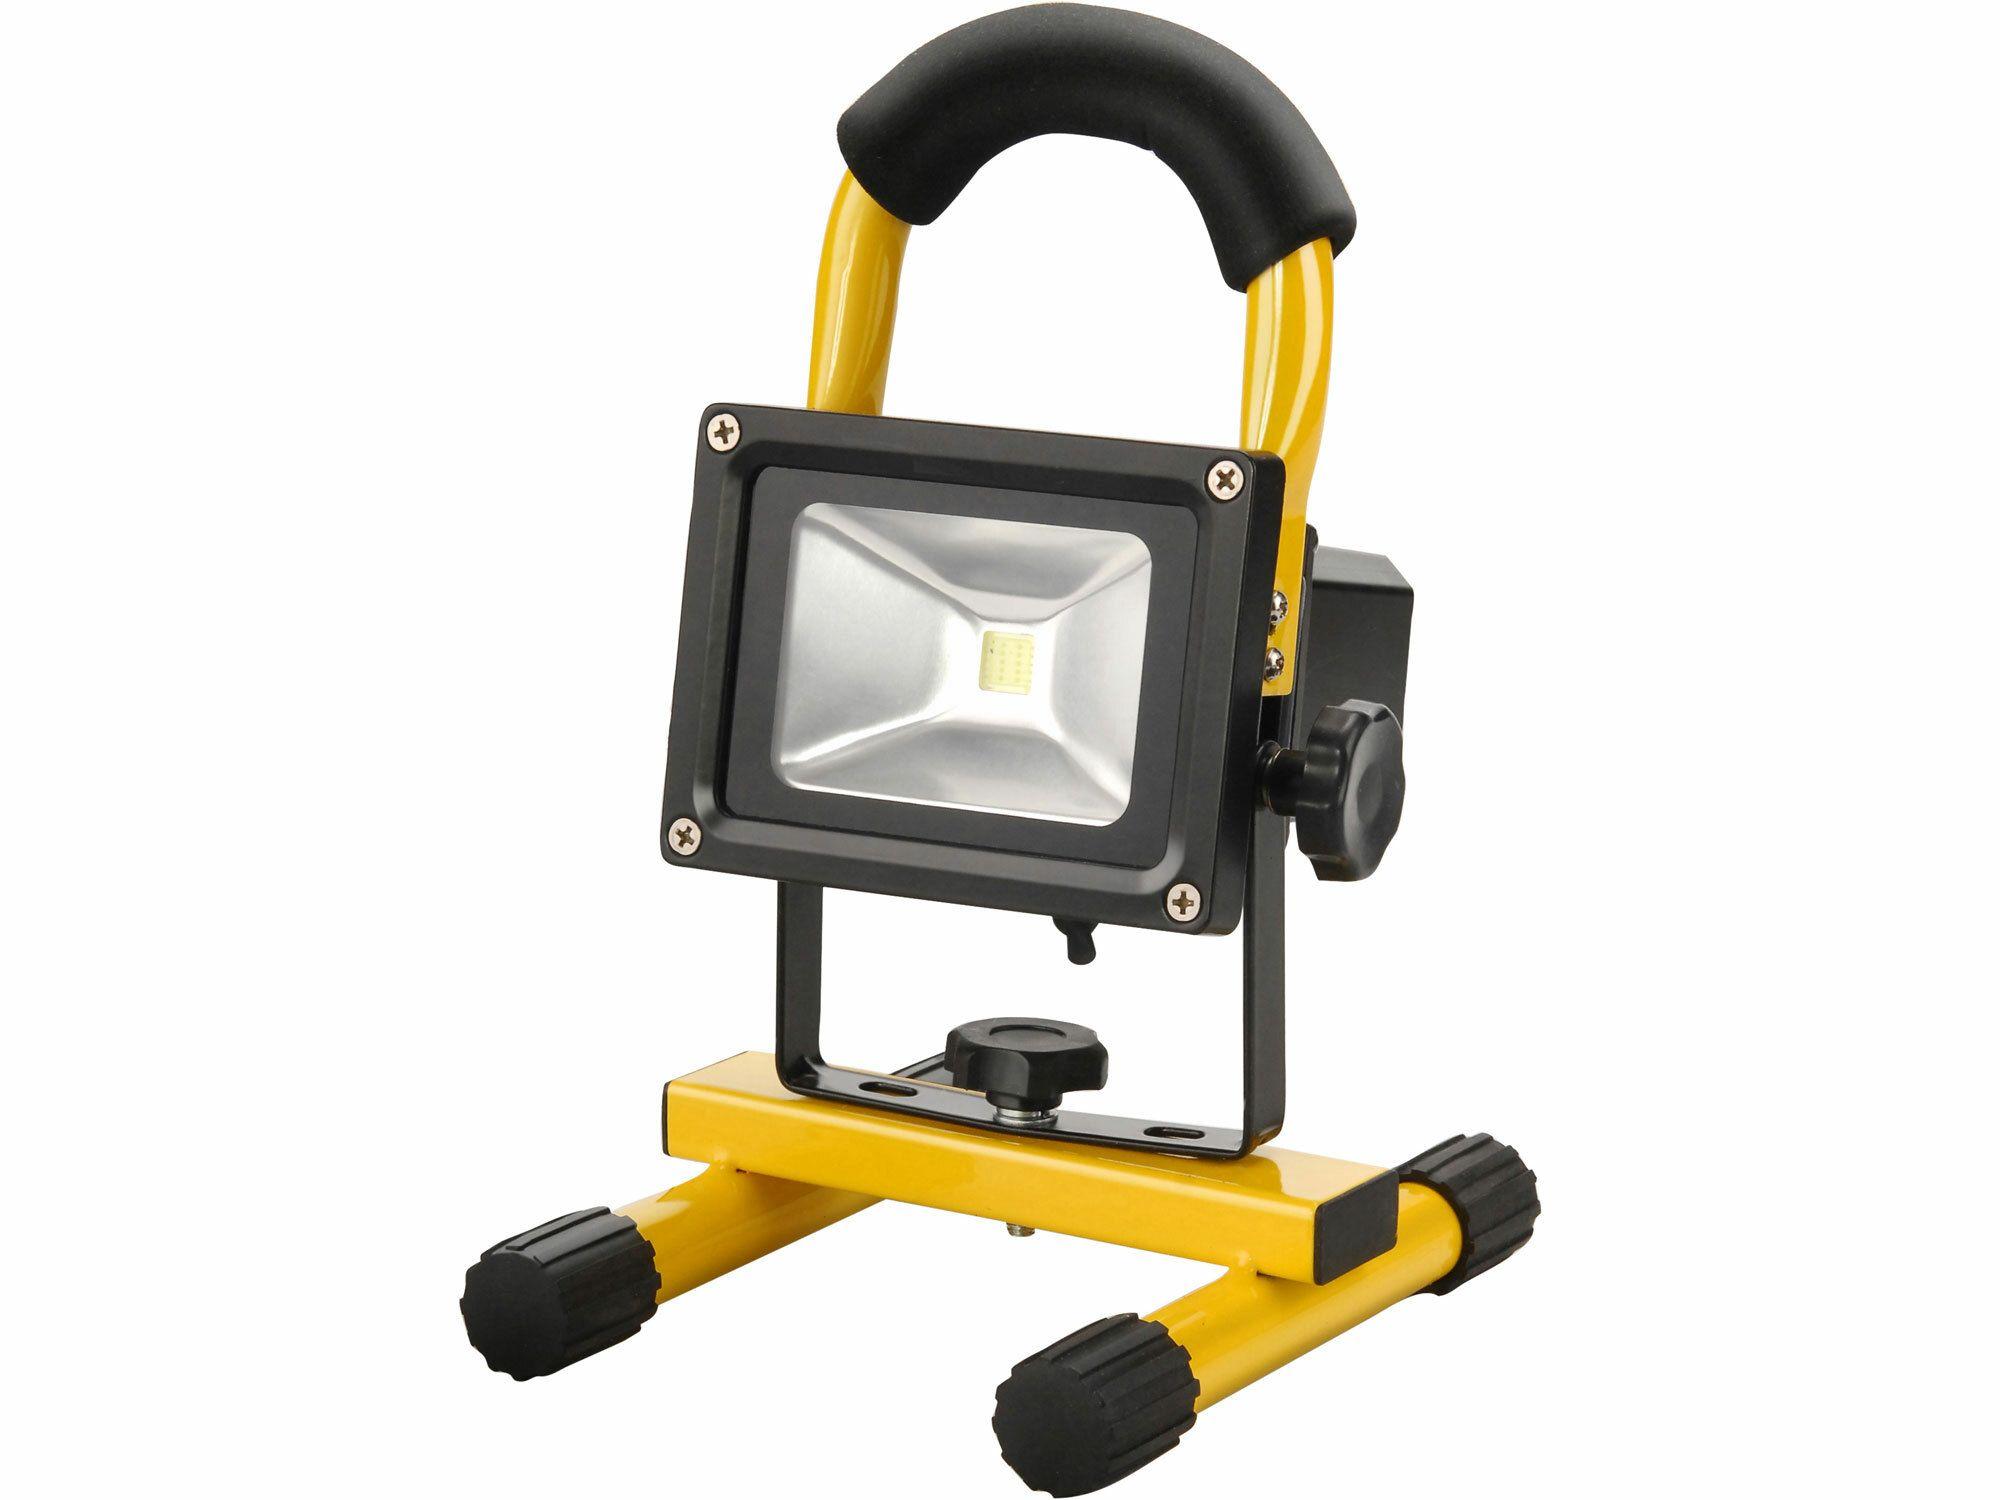 Reflektor LED 10W, nabíjecí, s podstavcem, 10W, 800lm, denní světlo, IP65, Li-ion EXTOL-LIGHT